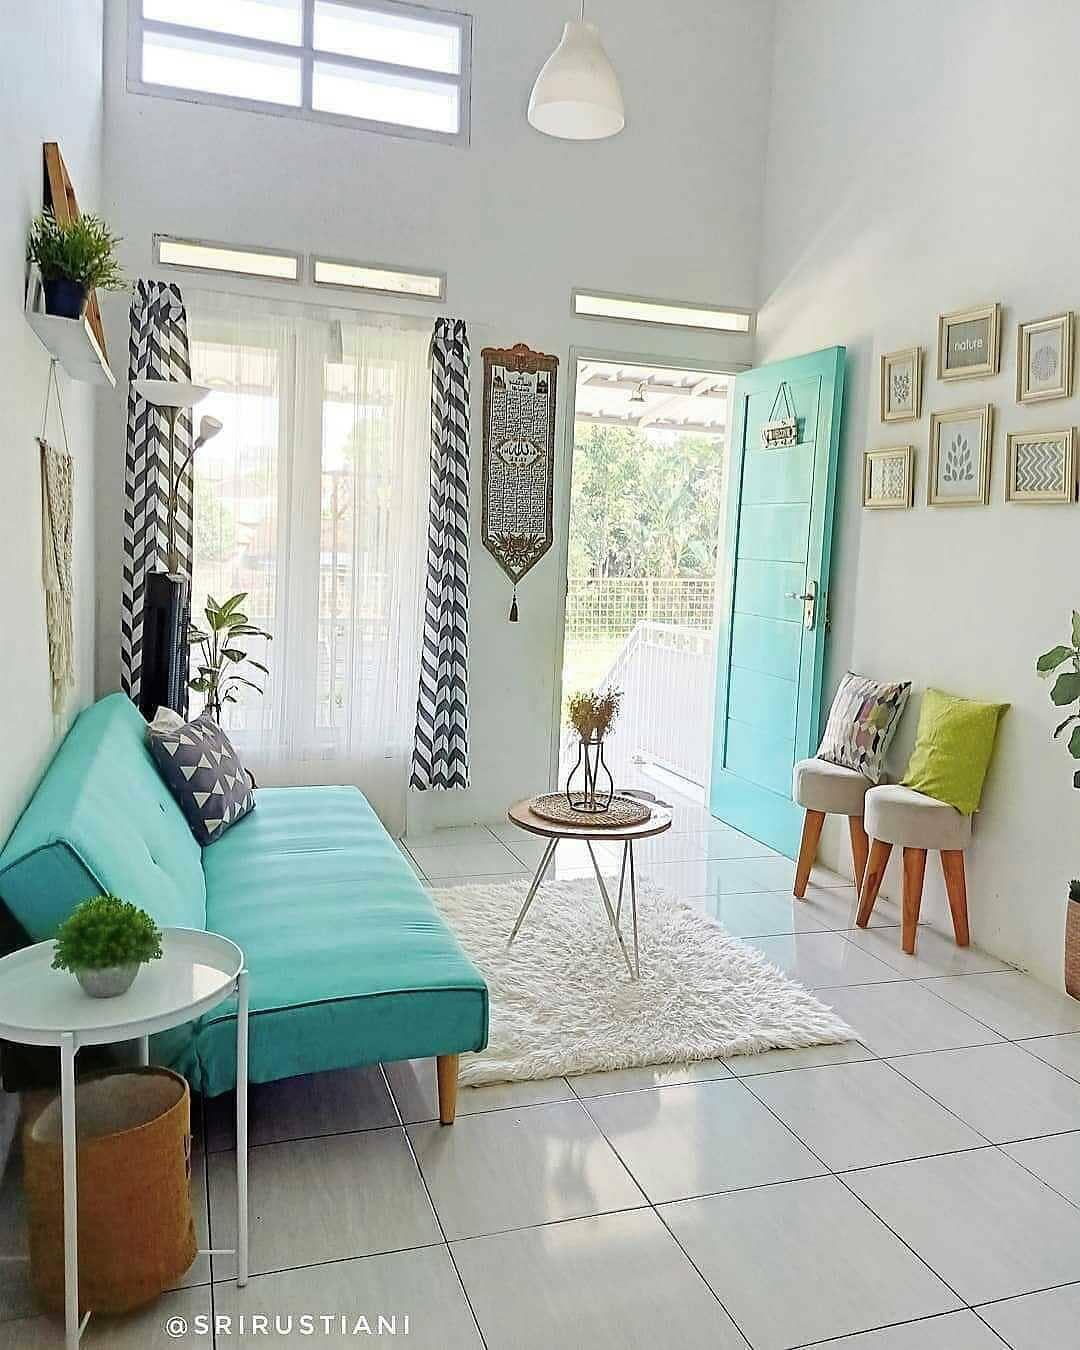 Inspirasi Home Dekorasi Rumah Di Instagram Yes Or No Pic By Srirustiani Follow Decor Home Living Room Colourful Living Room Decor Home Decor Bedroom